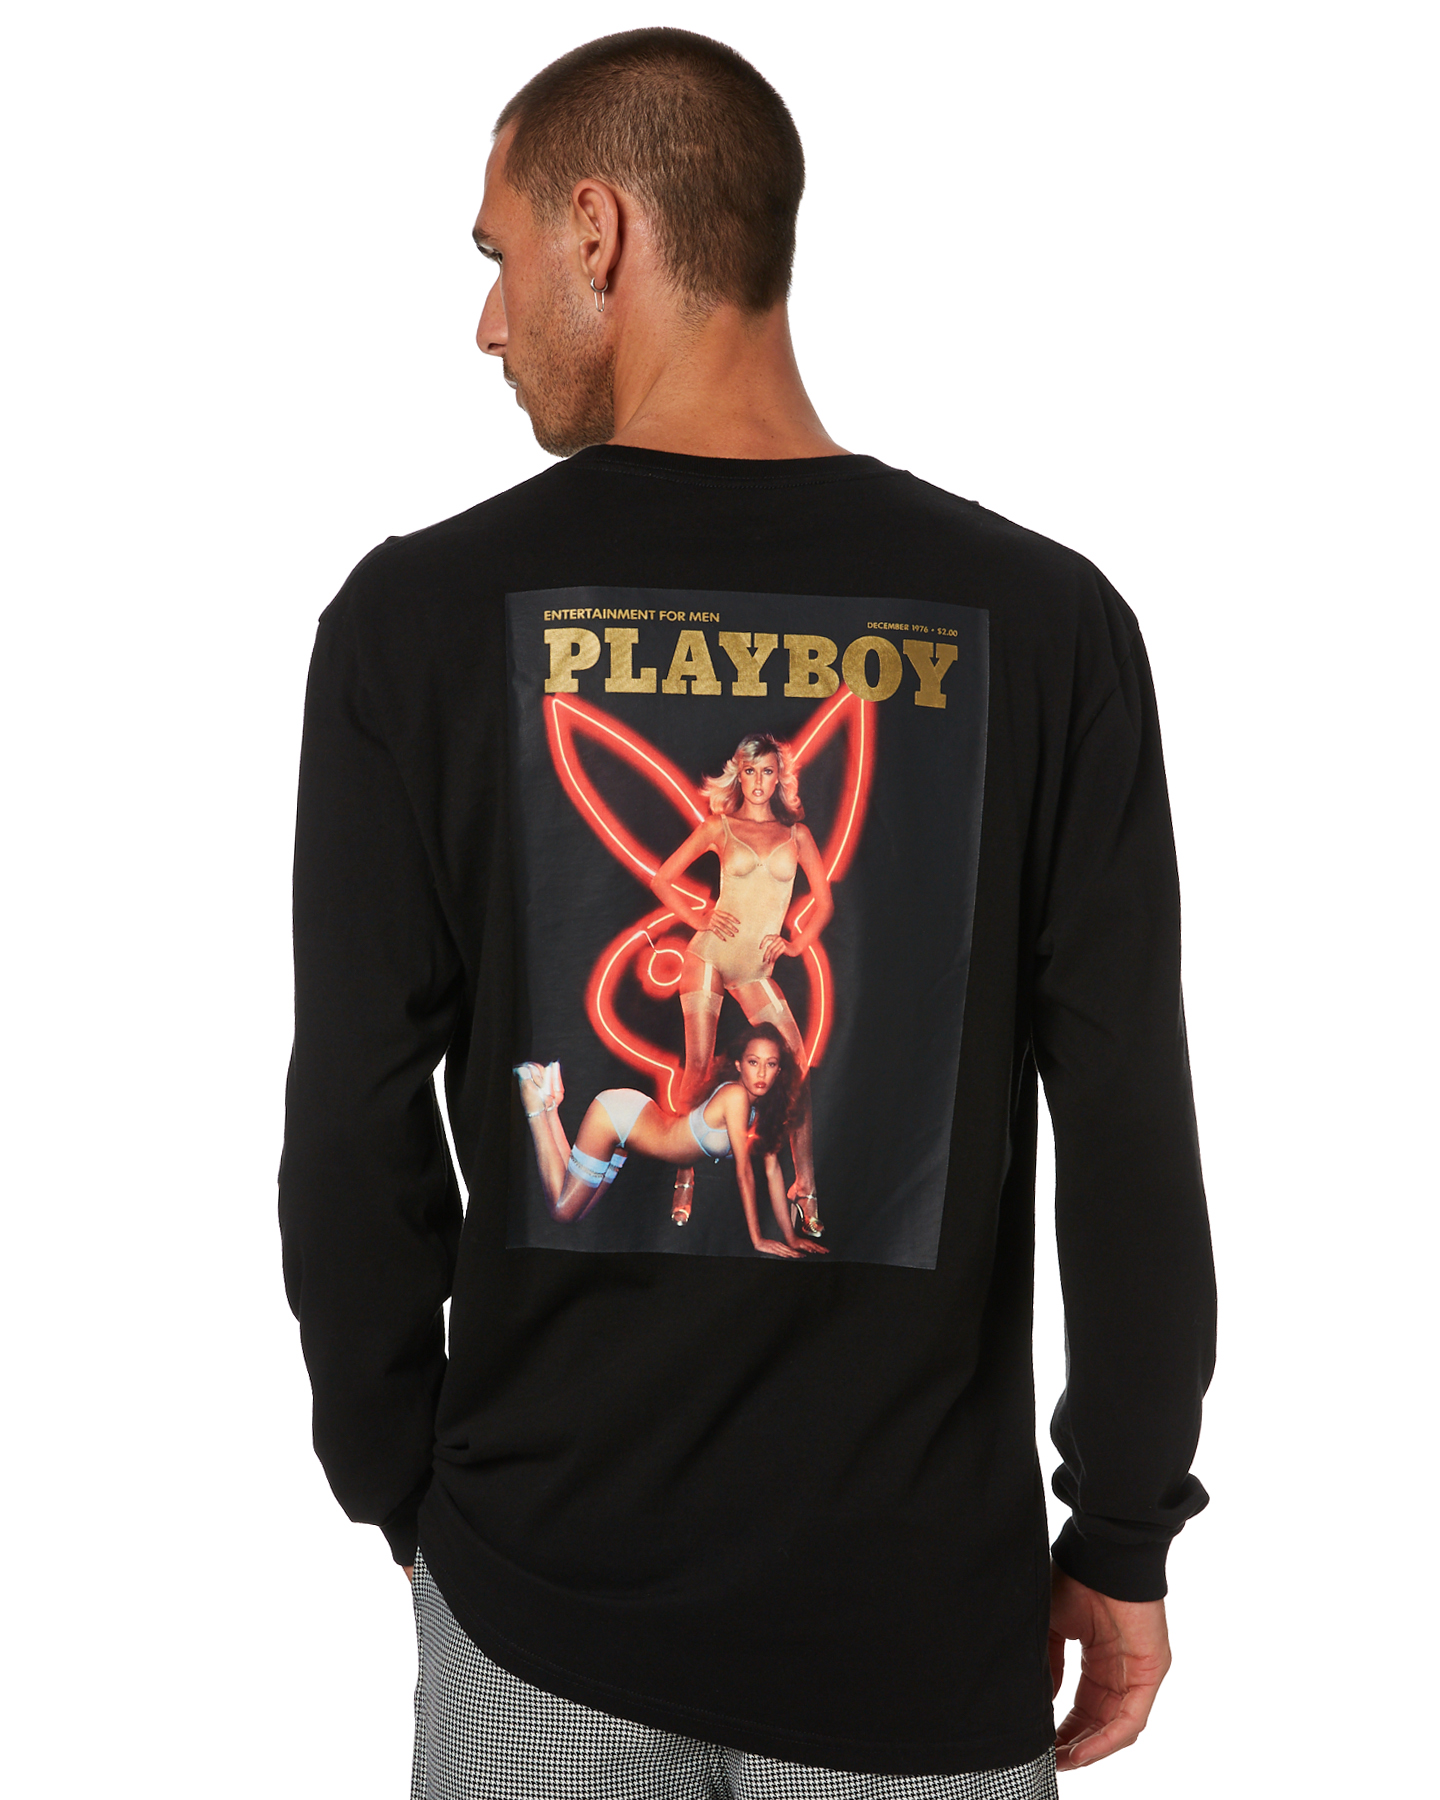 Playboy Dec 76' Mens Ls Tee Black